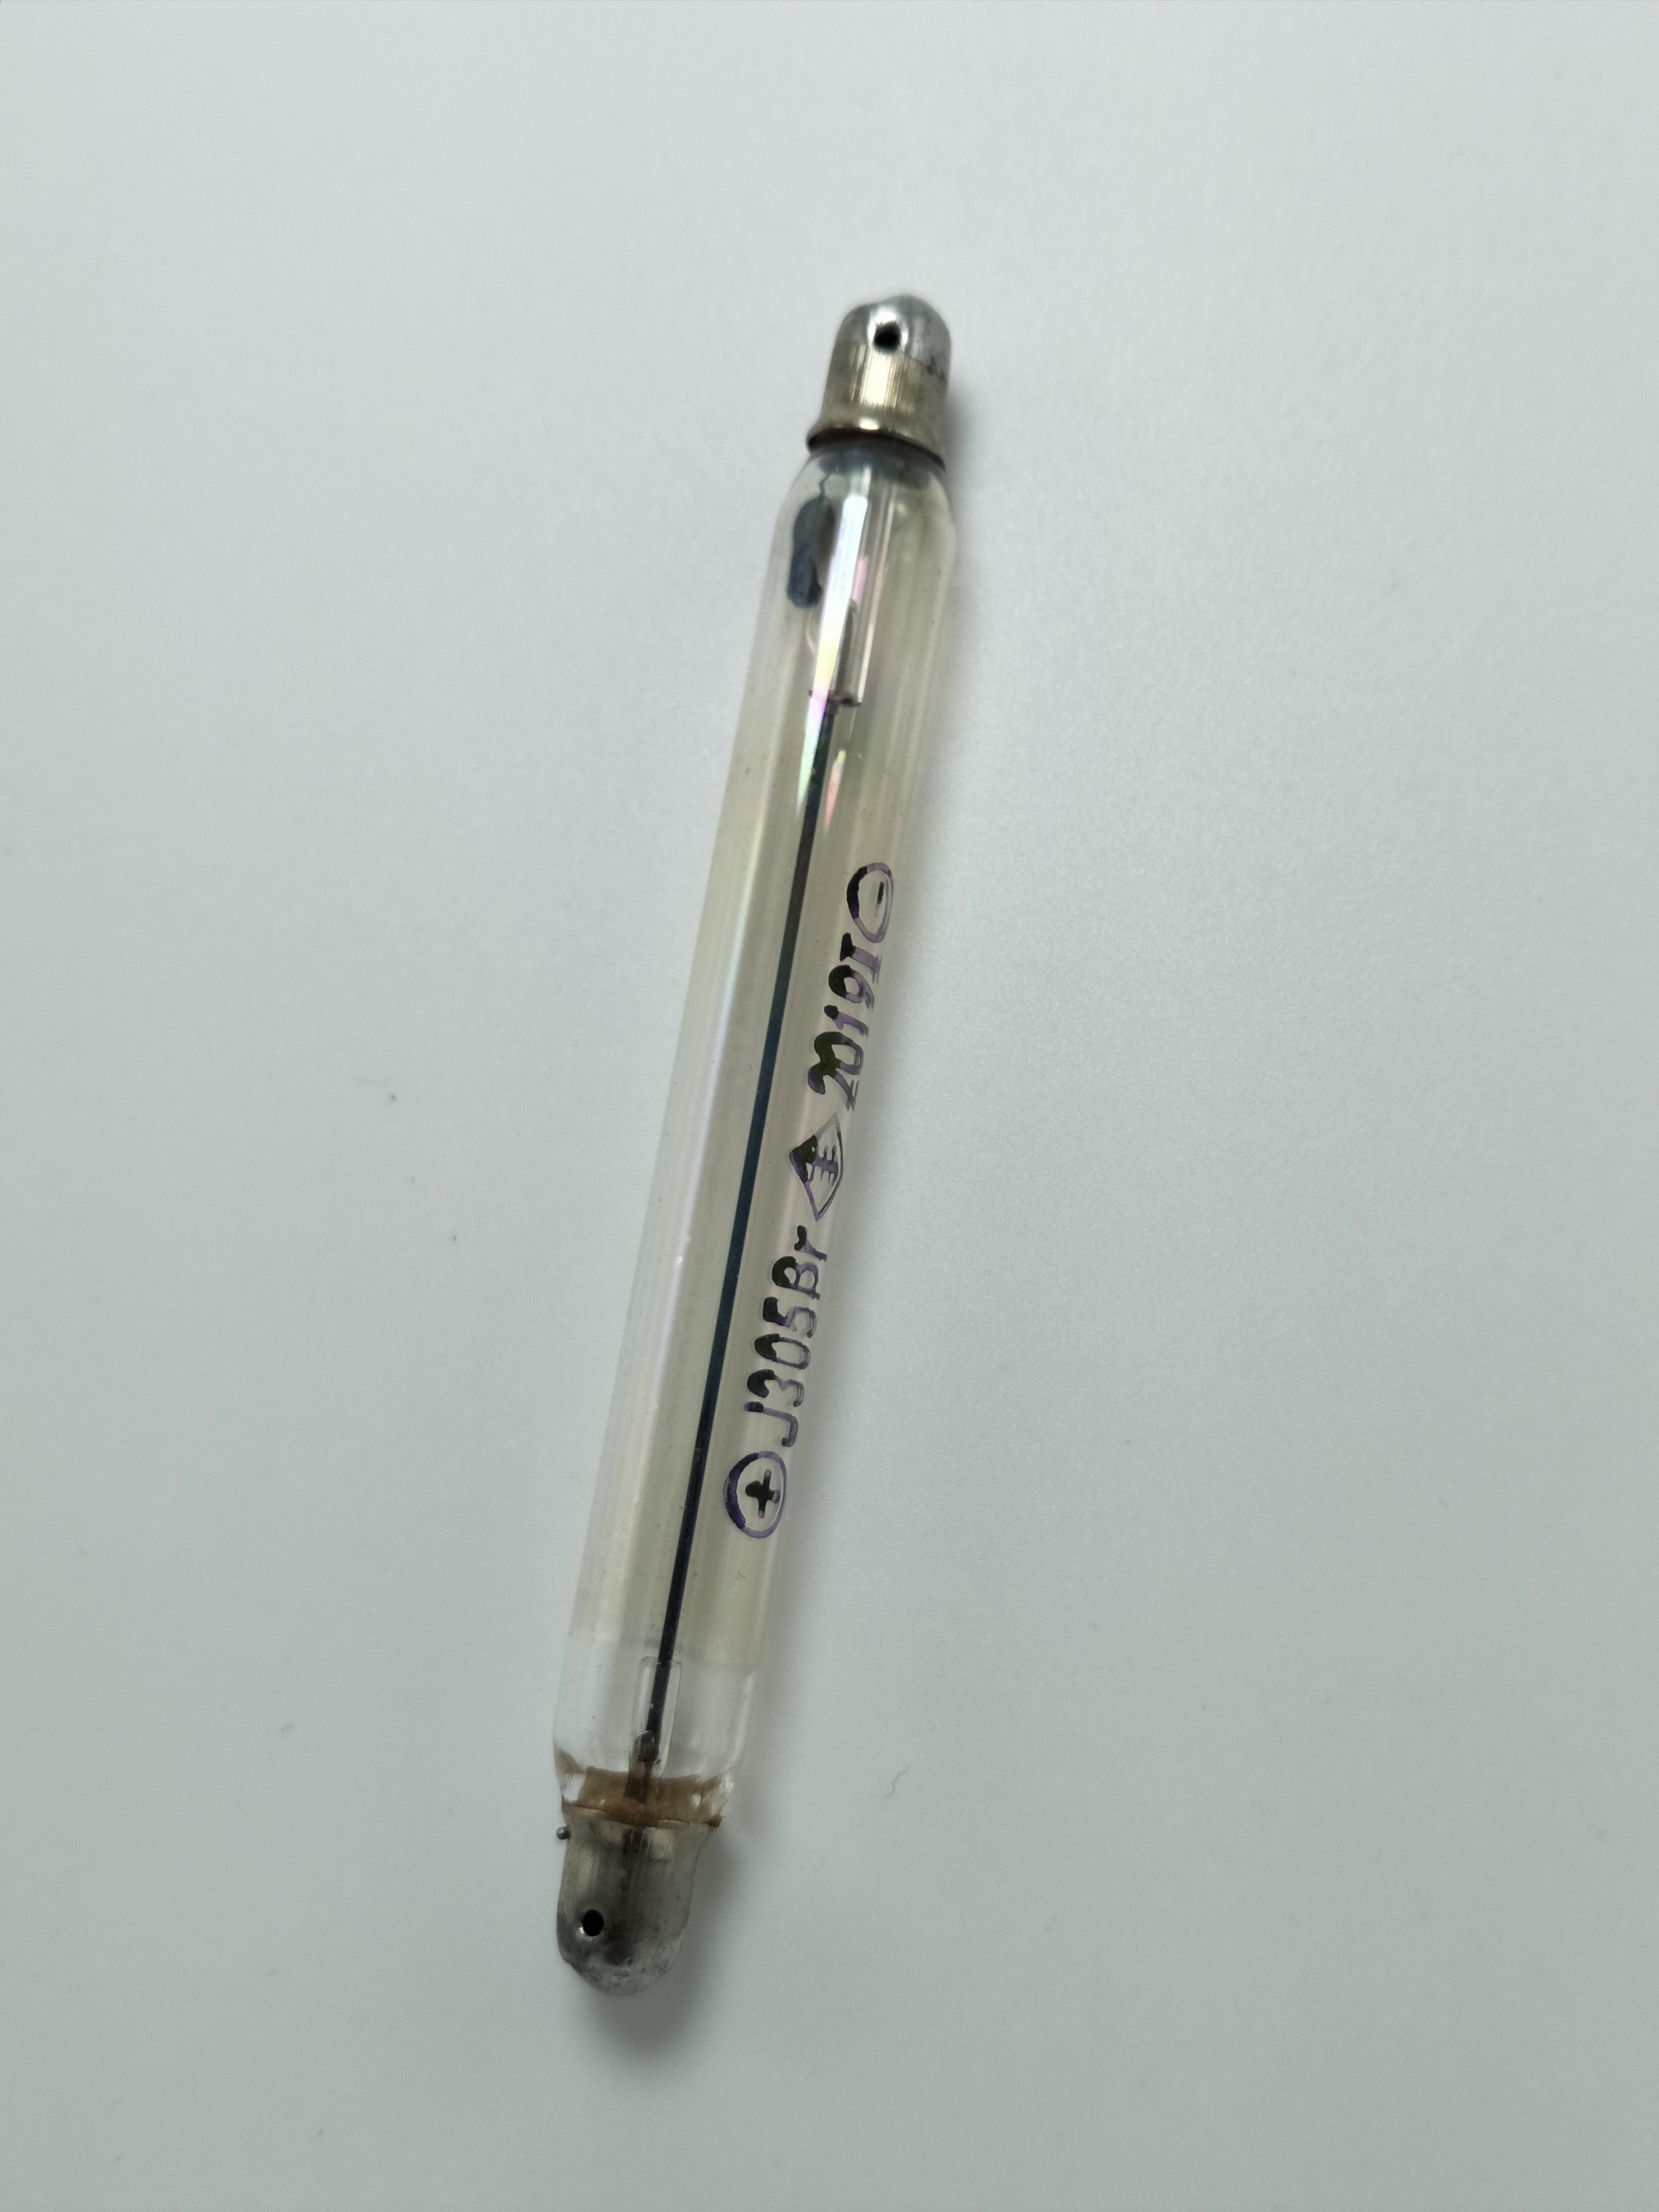 1pc J305 Geiger Tube J305 Tube  M4011 Tube For Geiger Counter Kit J305 Geiger Kit  J306 Tube Nuclear Radiation Detector GM Tube